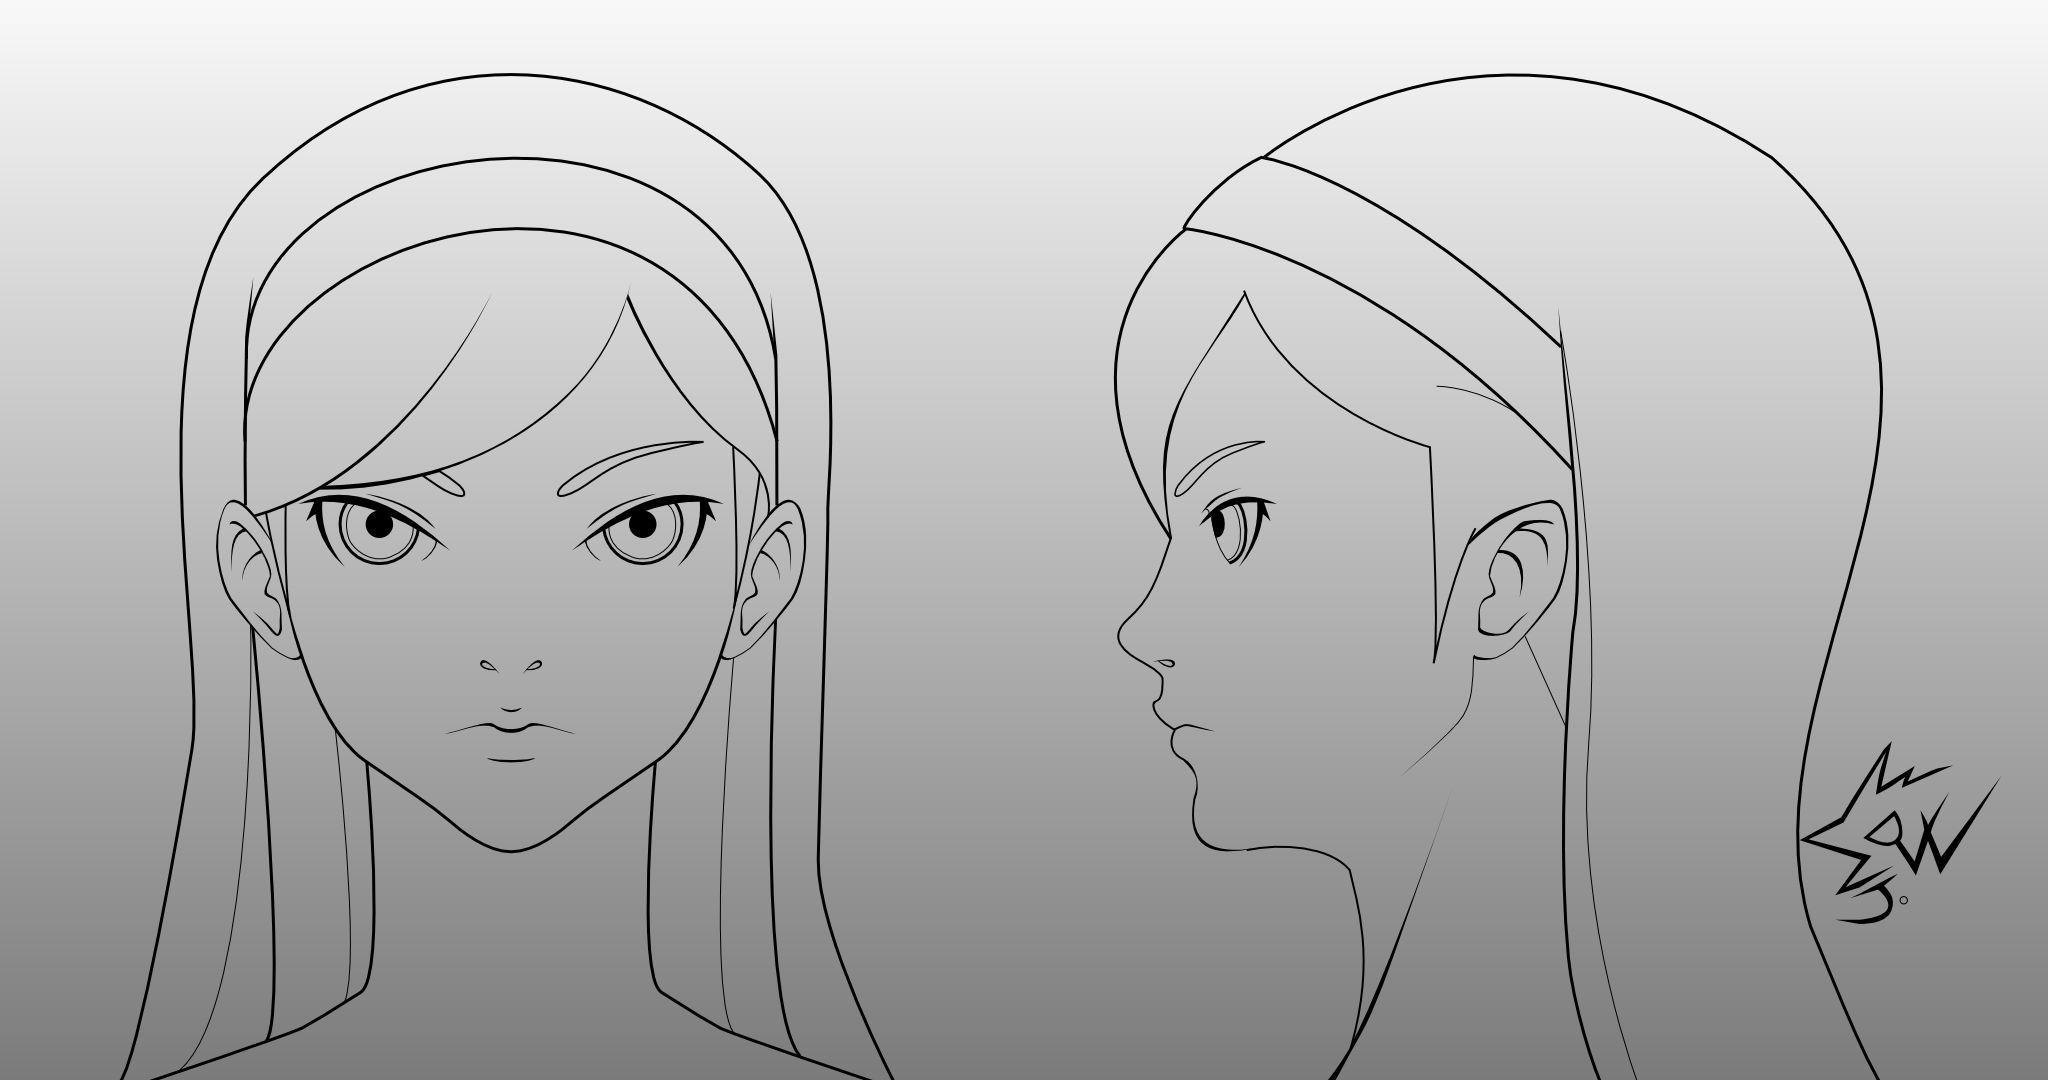 manga character template - maya kumashiro head model sheet by johnnydwicked on deviantart